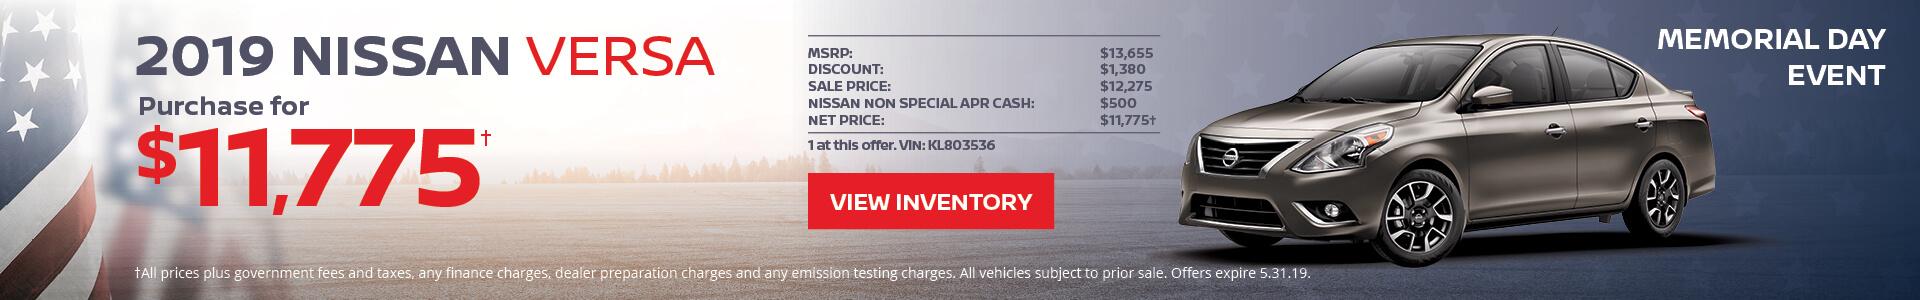 Nissan Versa $11,775 Purchase